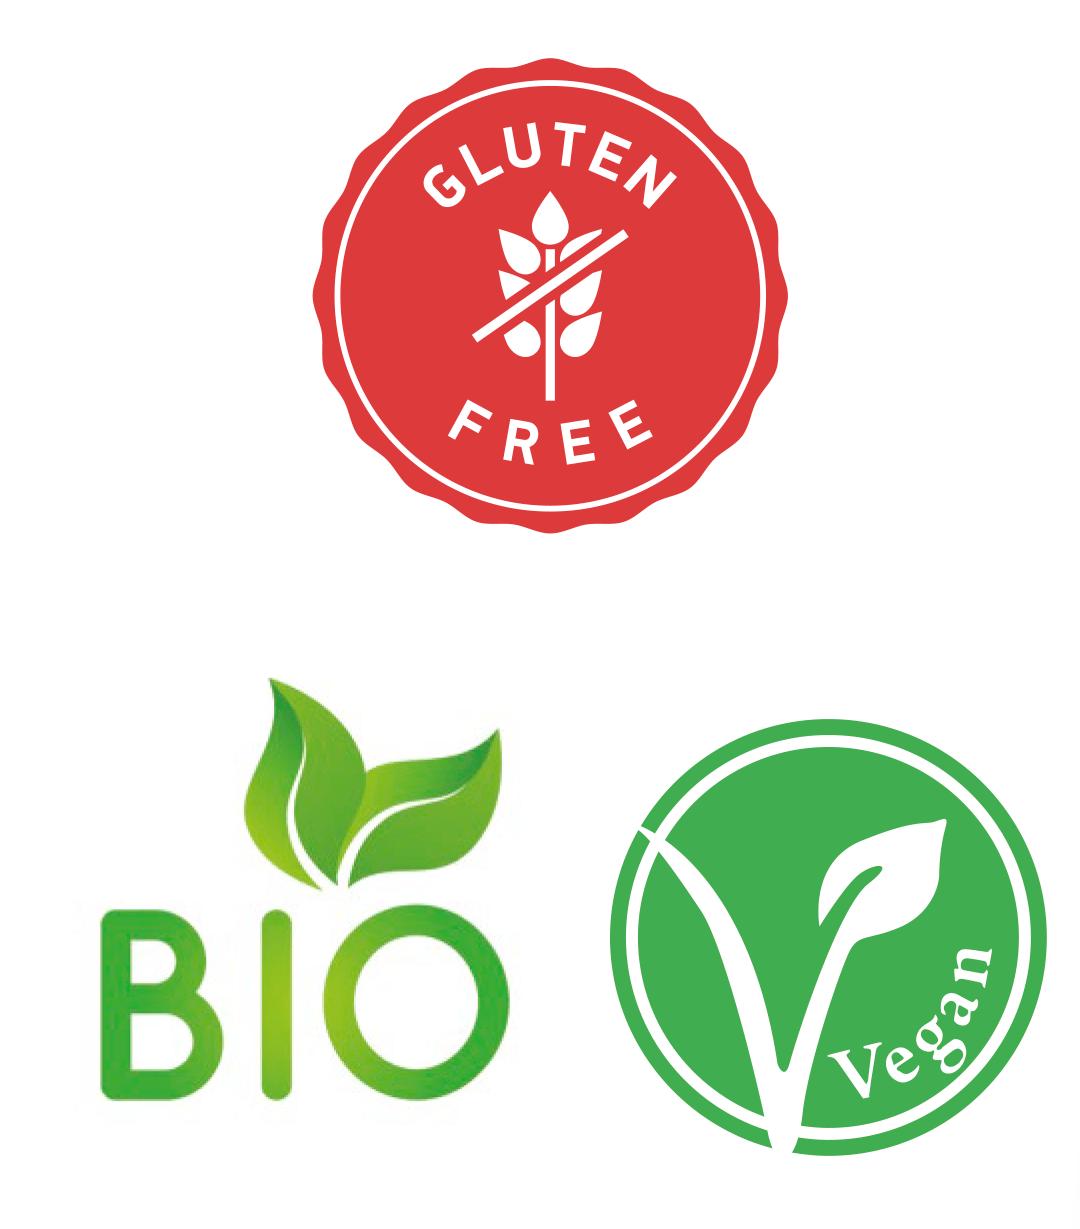 productos veganos y bio